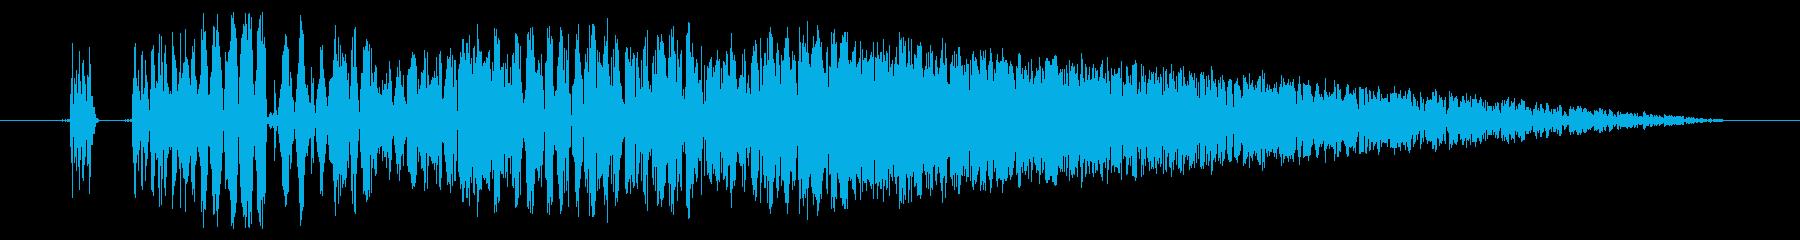 【打撃音21】パンチやキックに最適です!の再生済みの波形